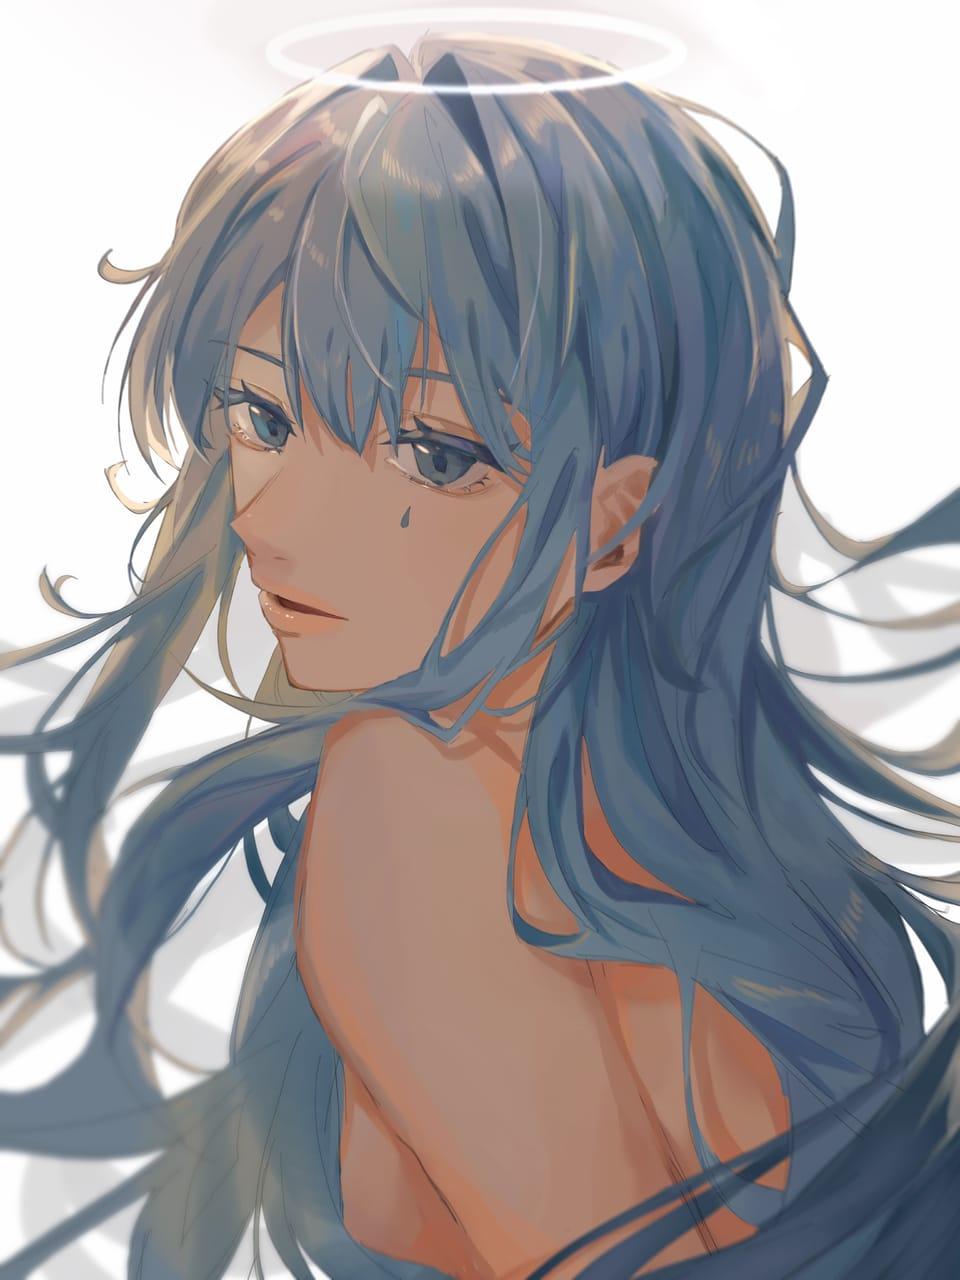 振り返って。 Illust of KuJiRa TaKi September2021_Girl おんなのこ illustration kawaii original longhair